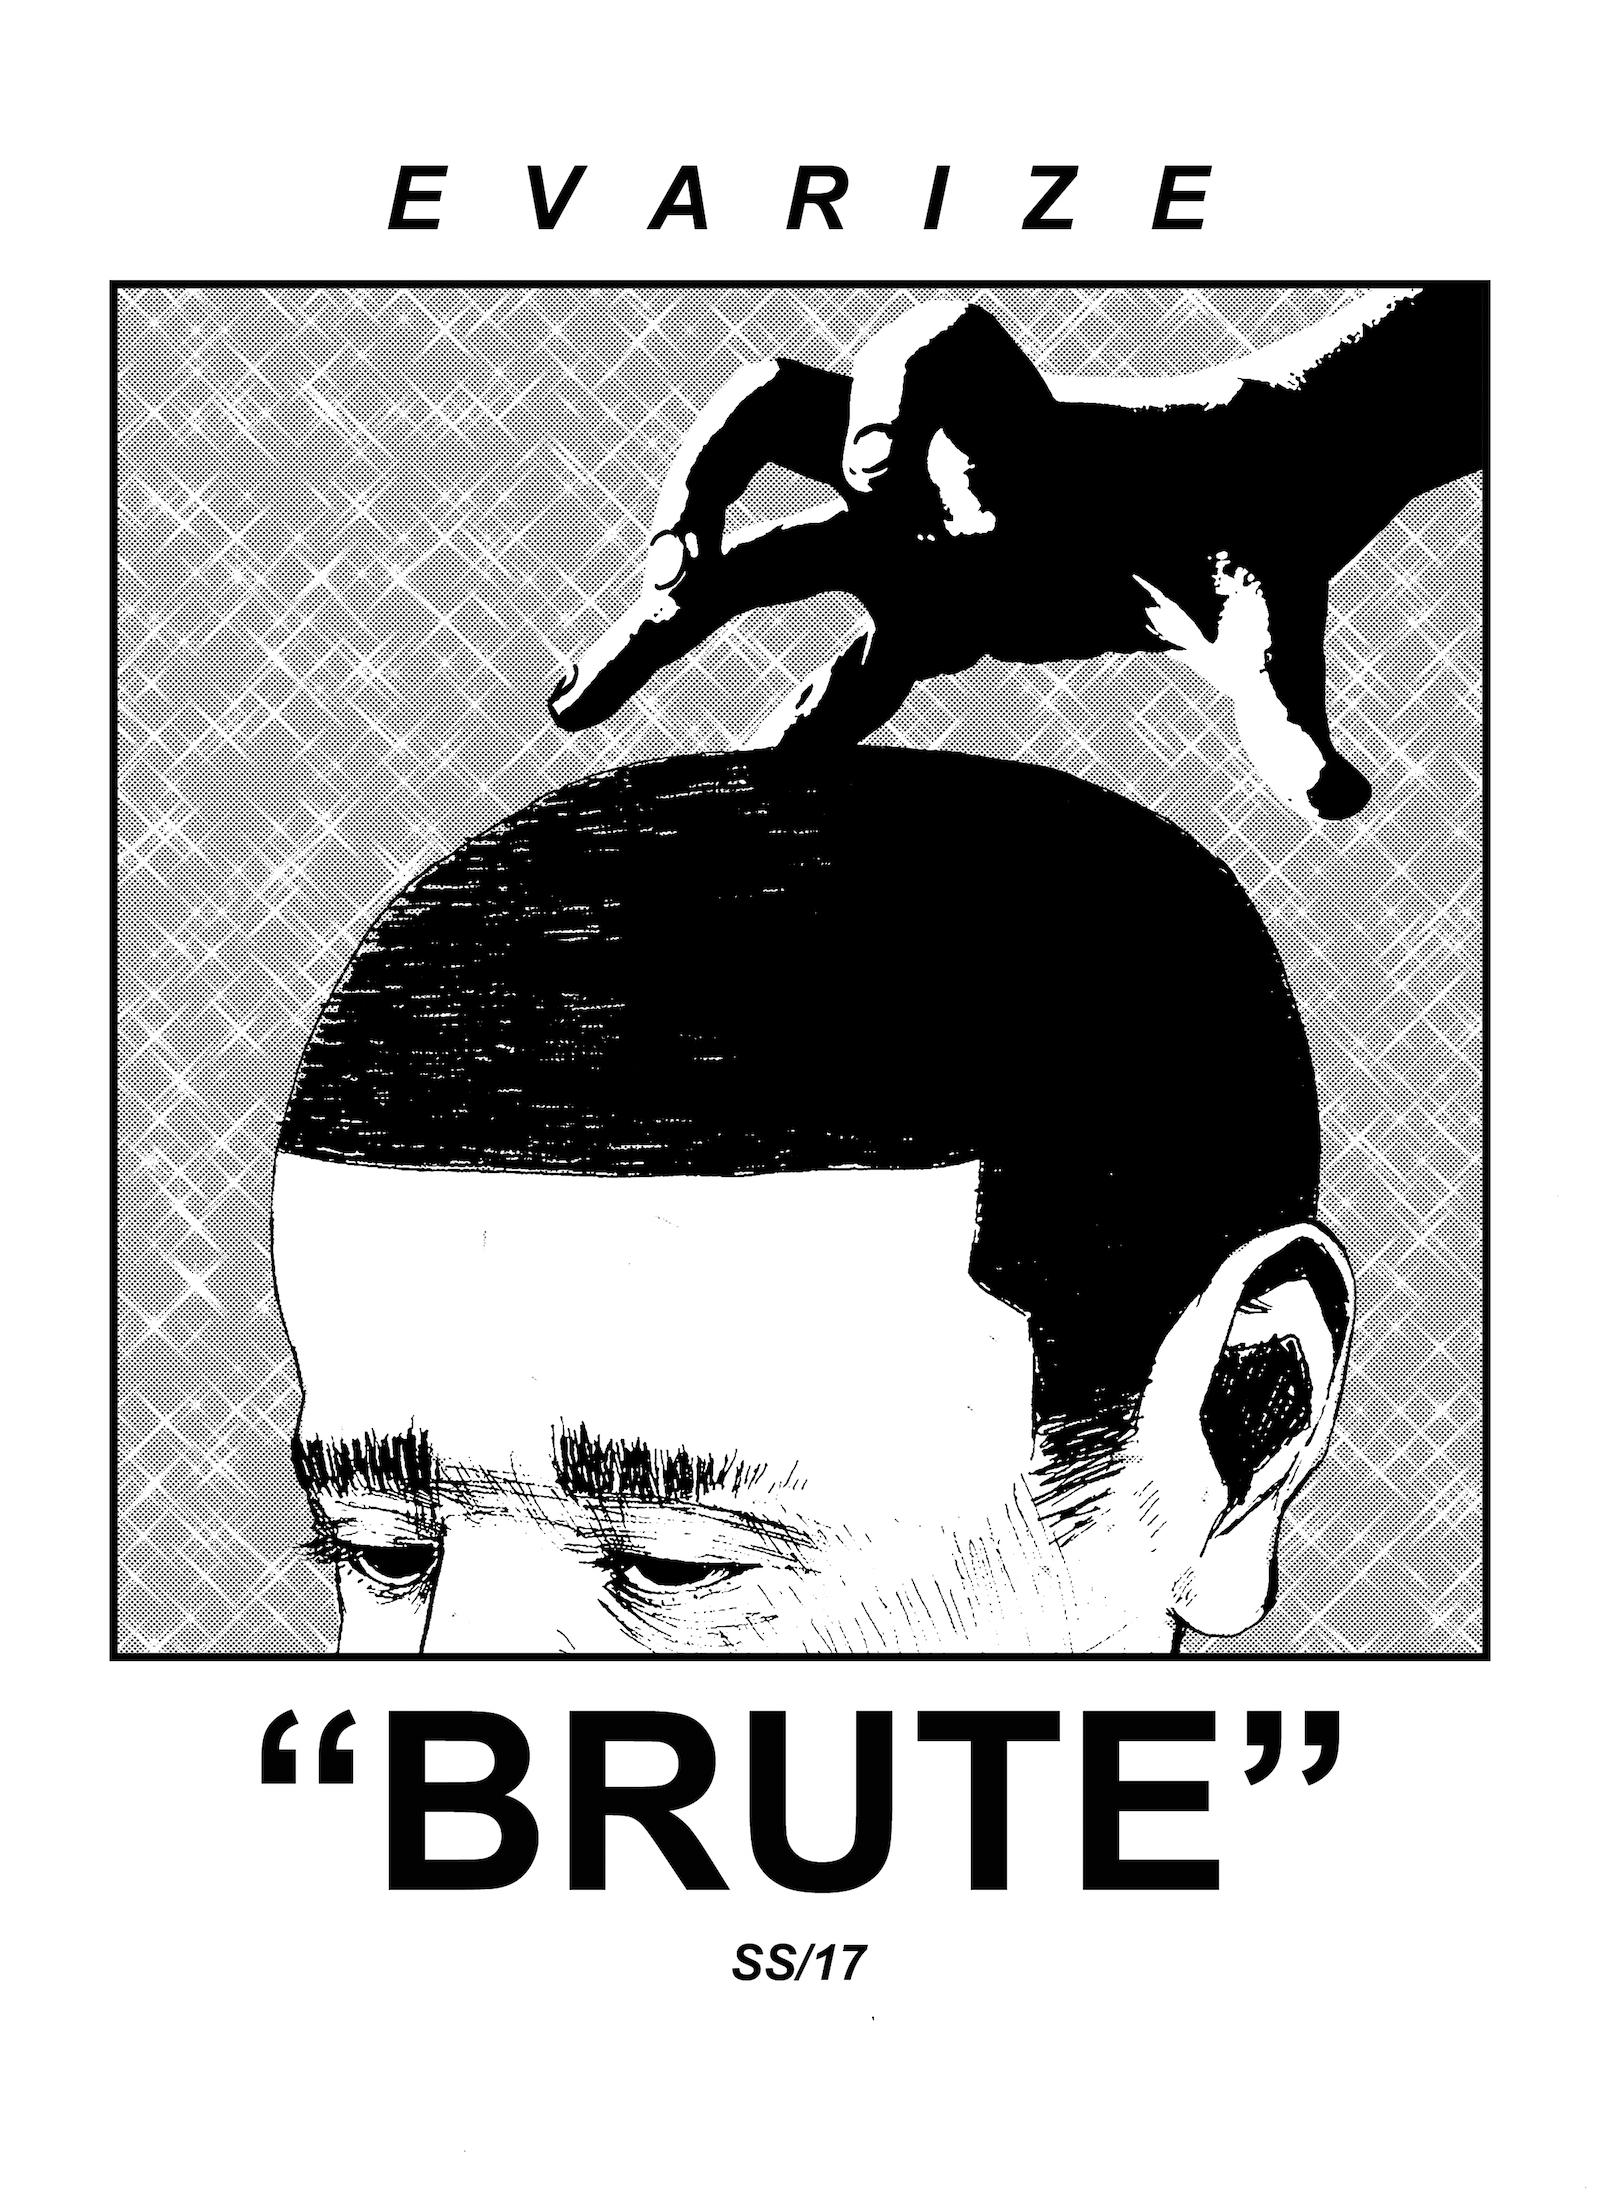 BRUTE 0.jpg